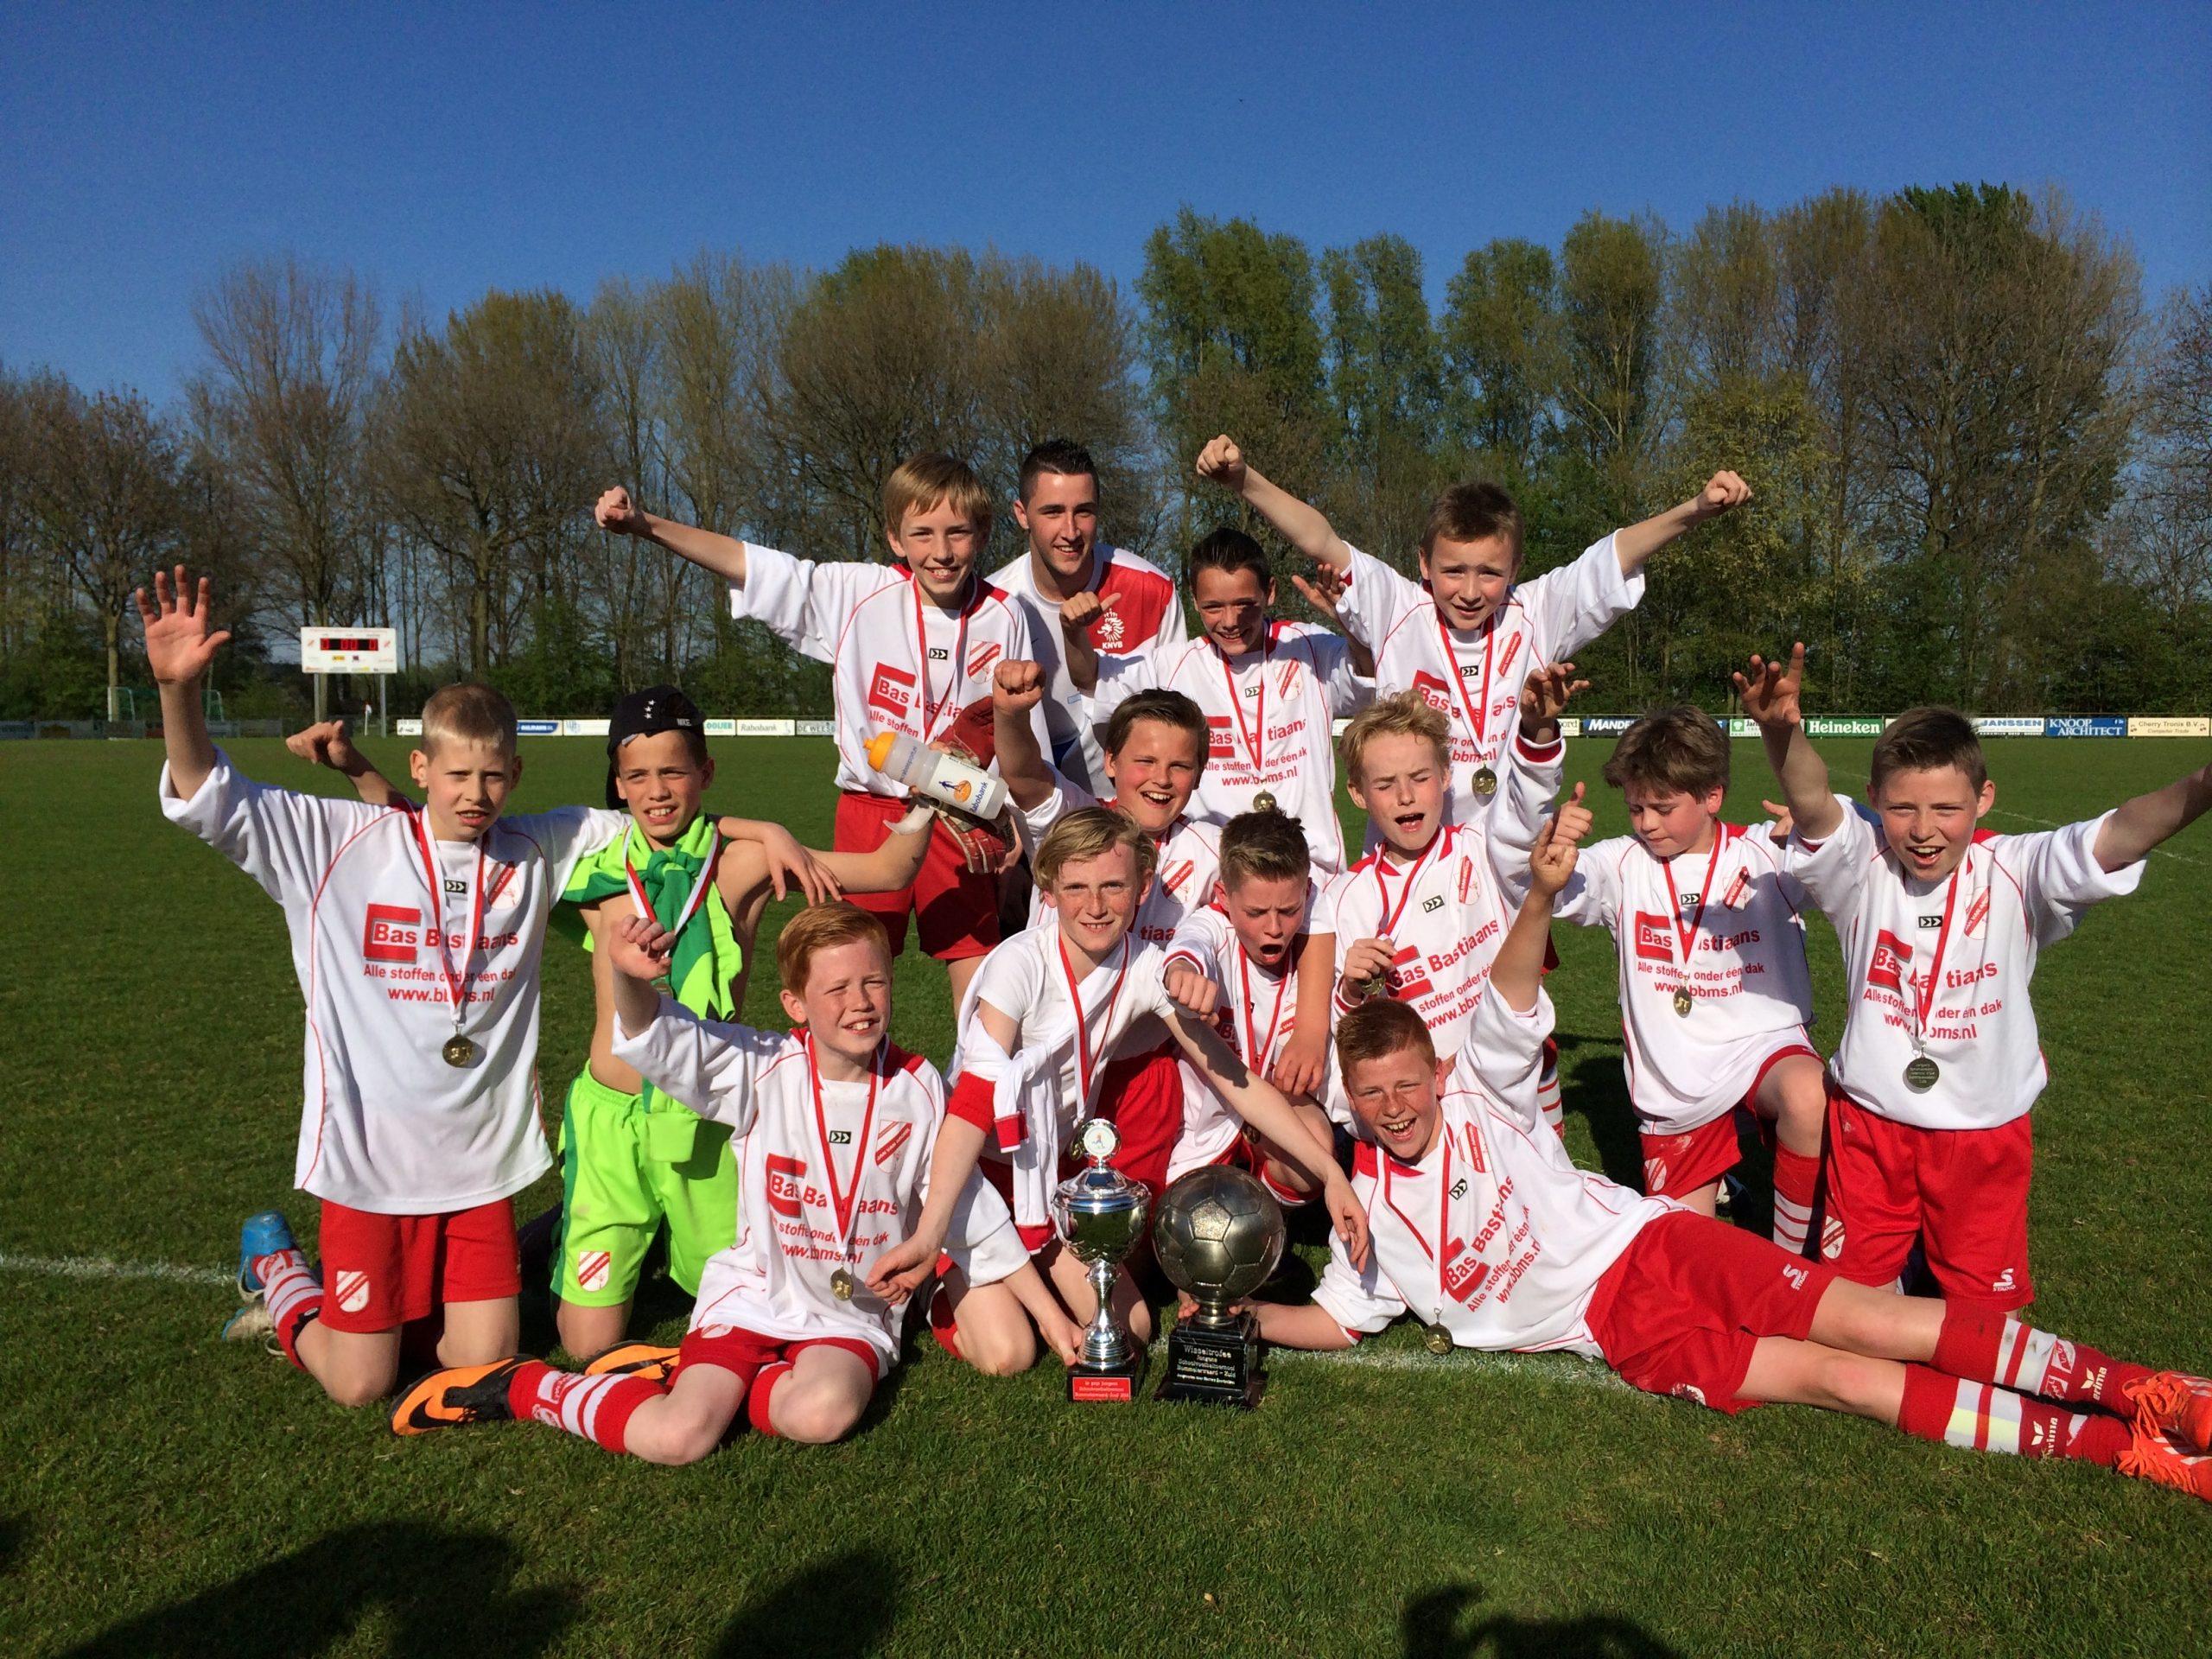 Voetbal Vereniging Jan van Arckel | Dorpsraad Ammerzoden Wordragen